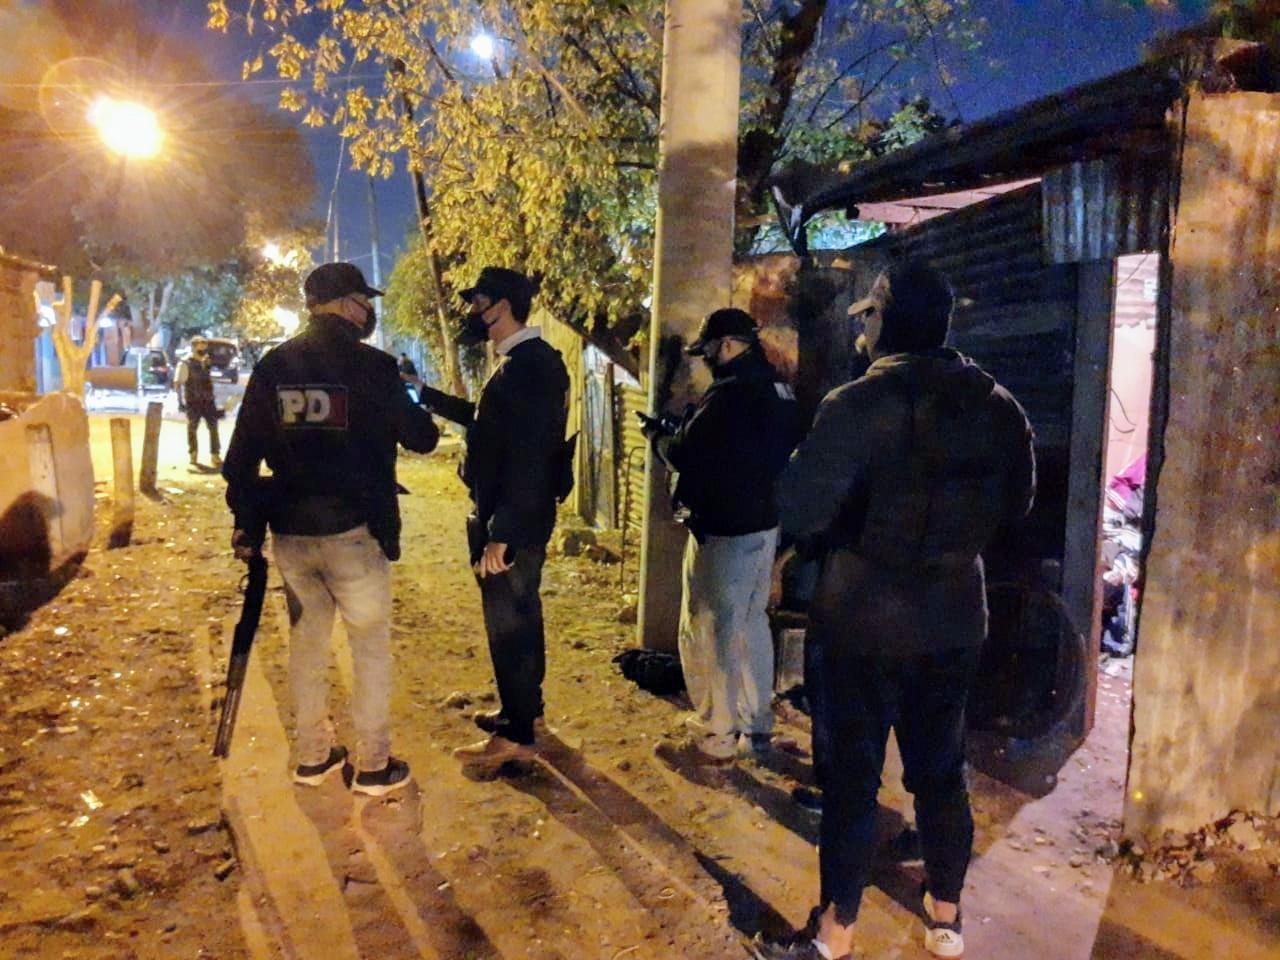 Alrededor de 60 agentes participaron del operativo. (Foto: Rosario Plus)